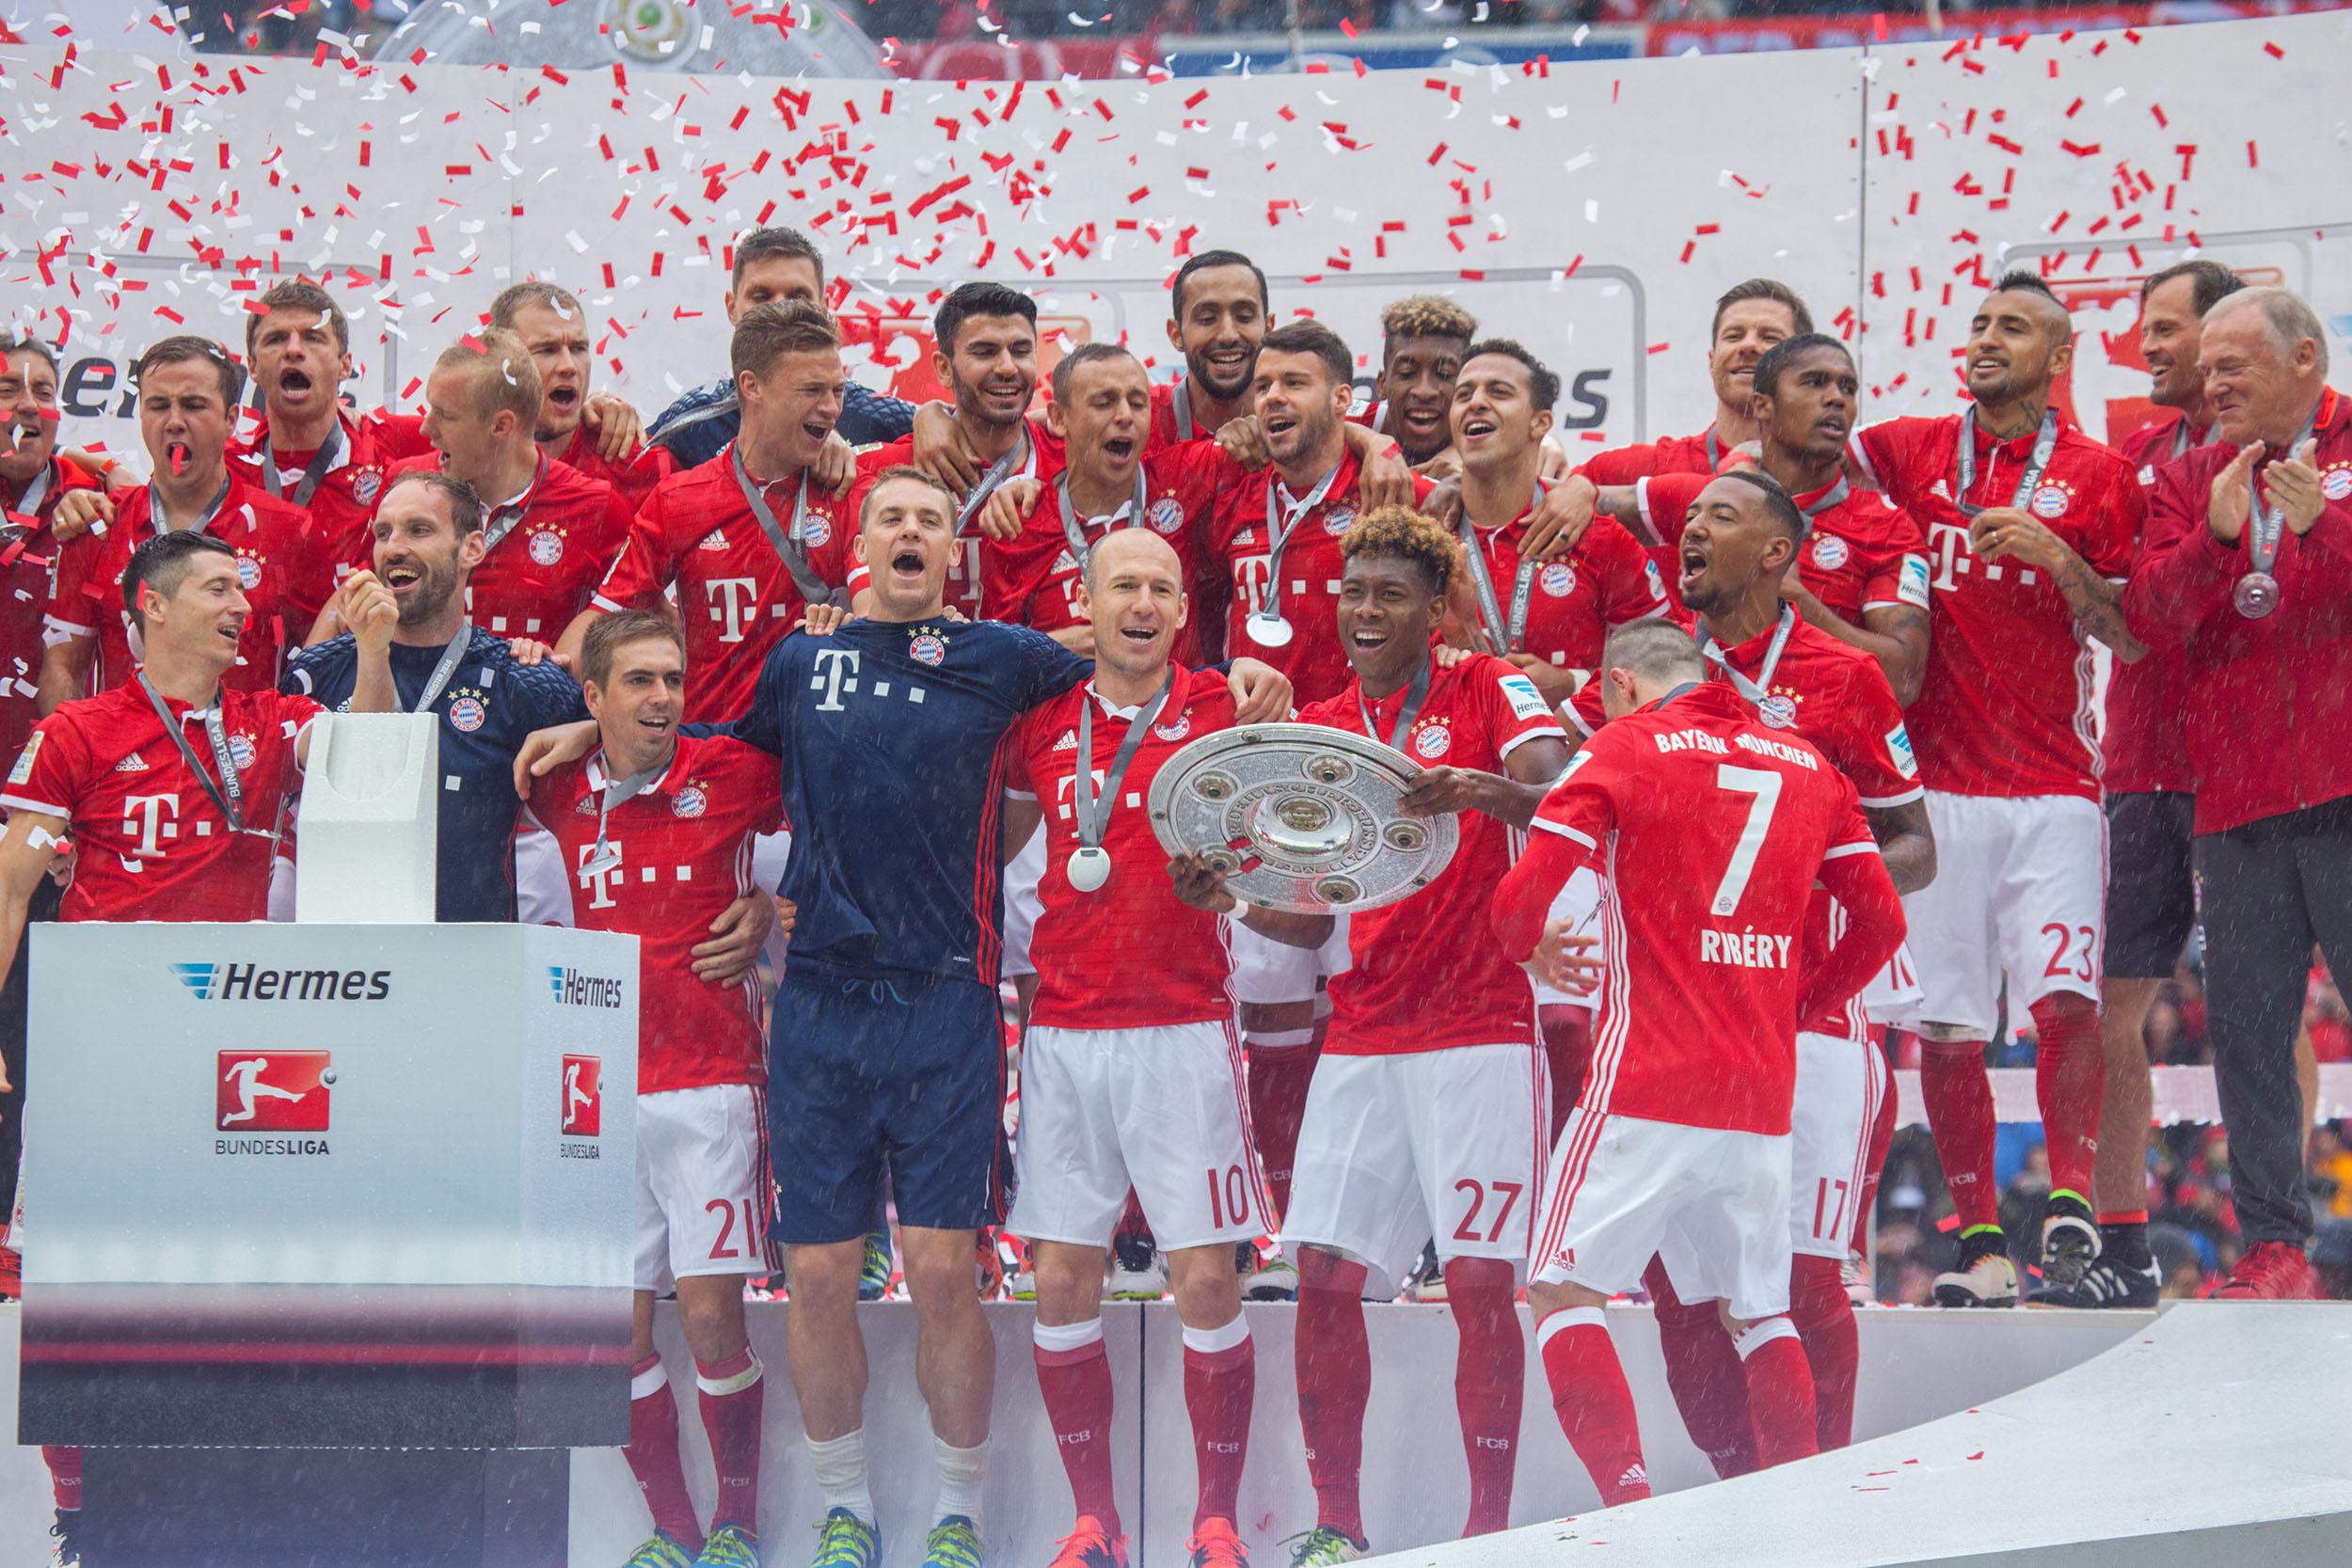 Treffen Sie die FC Bayern Stars der Saison 2016/2017!